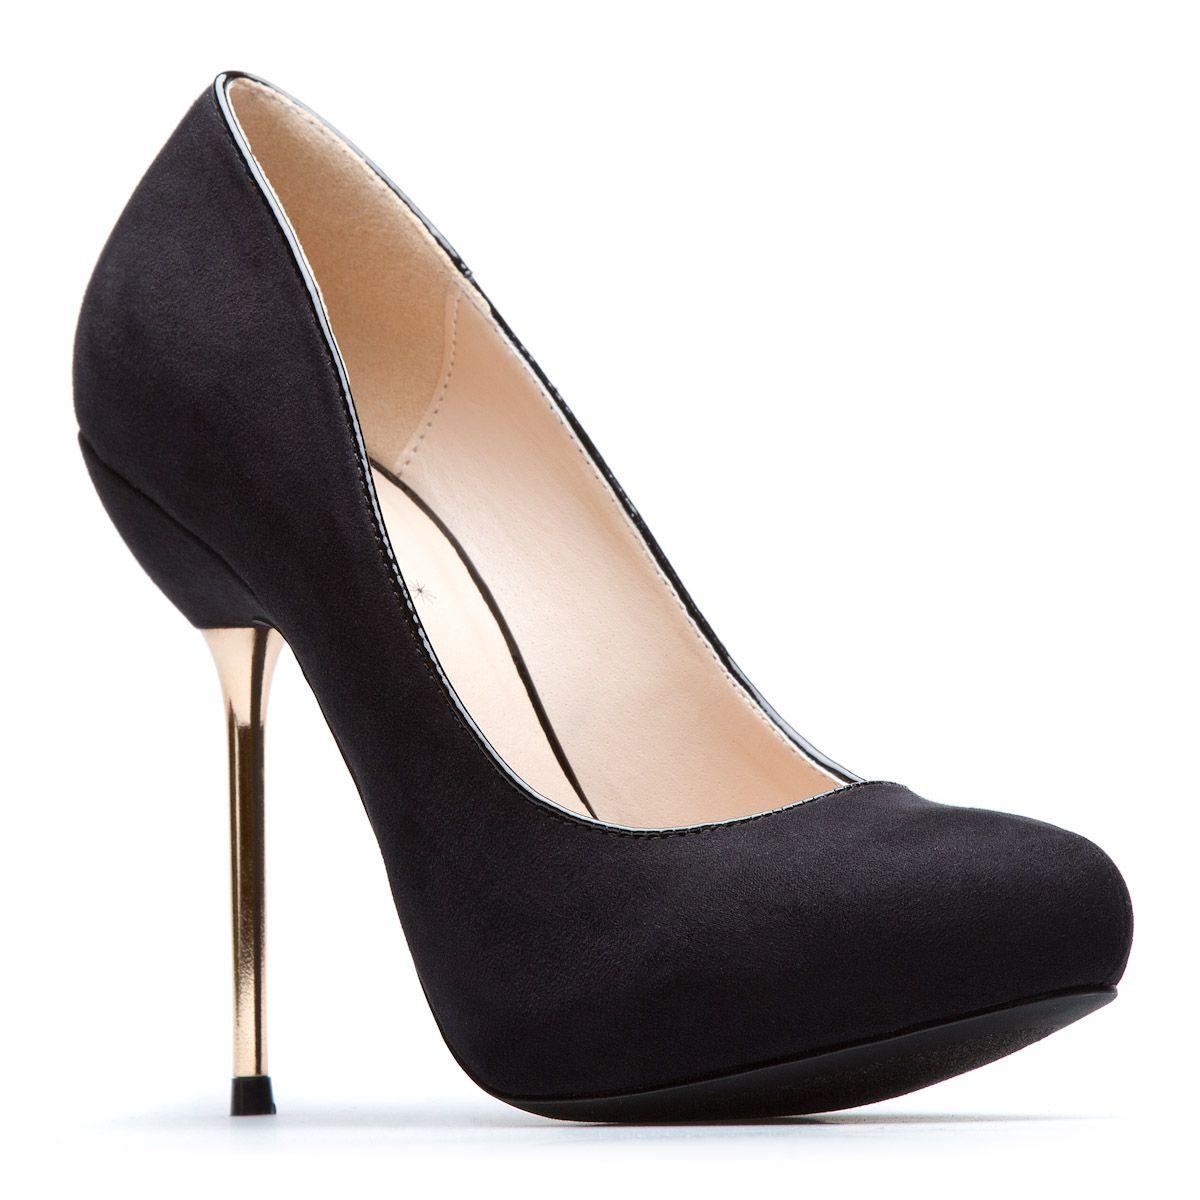 Esti shoes :)